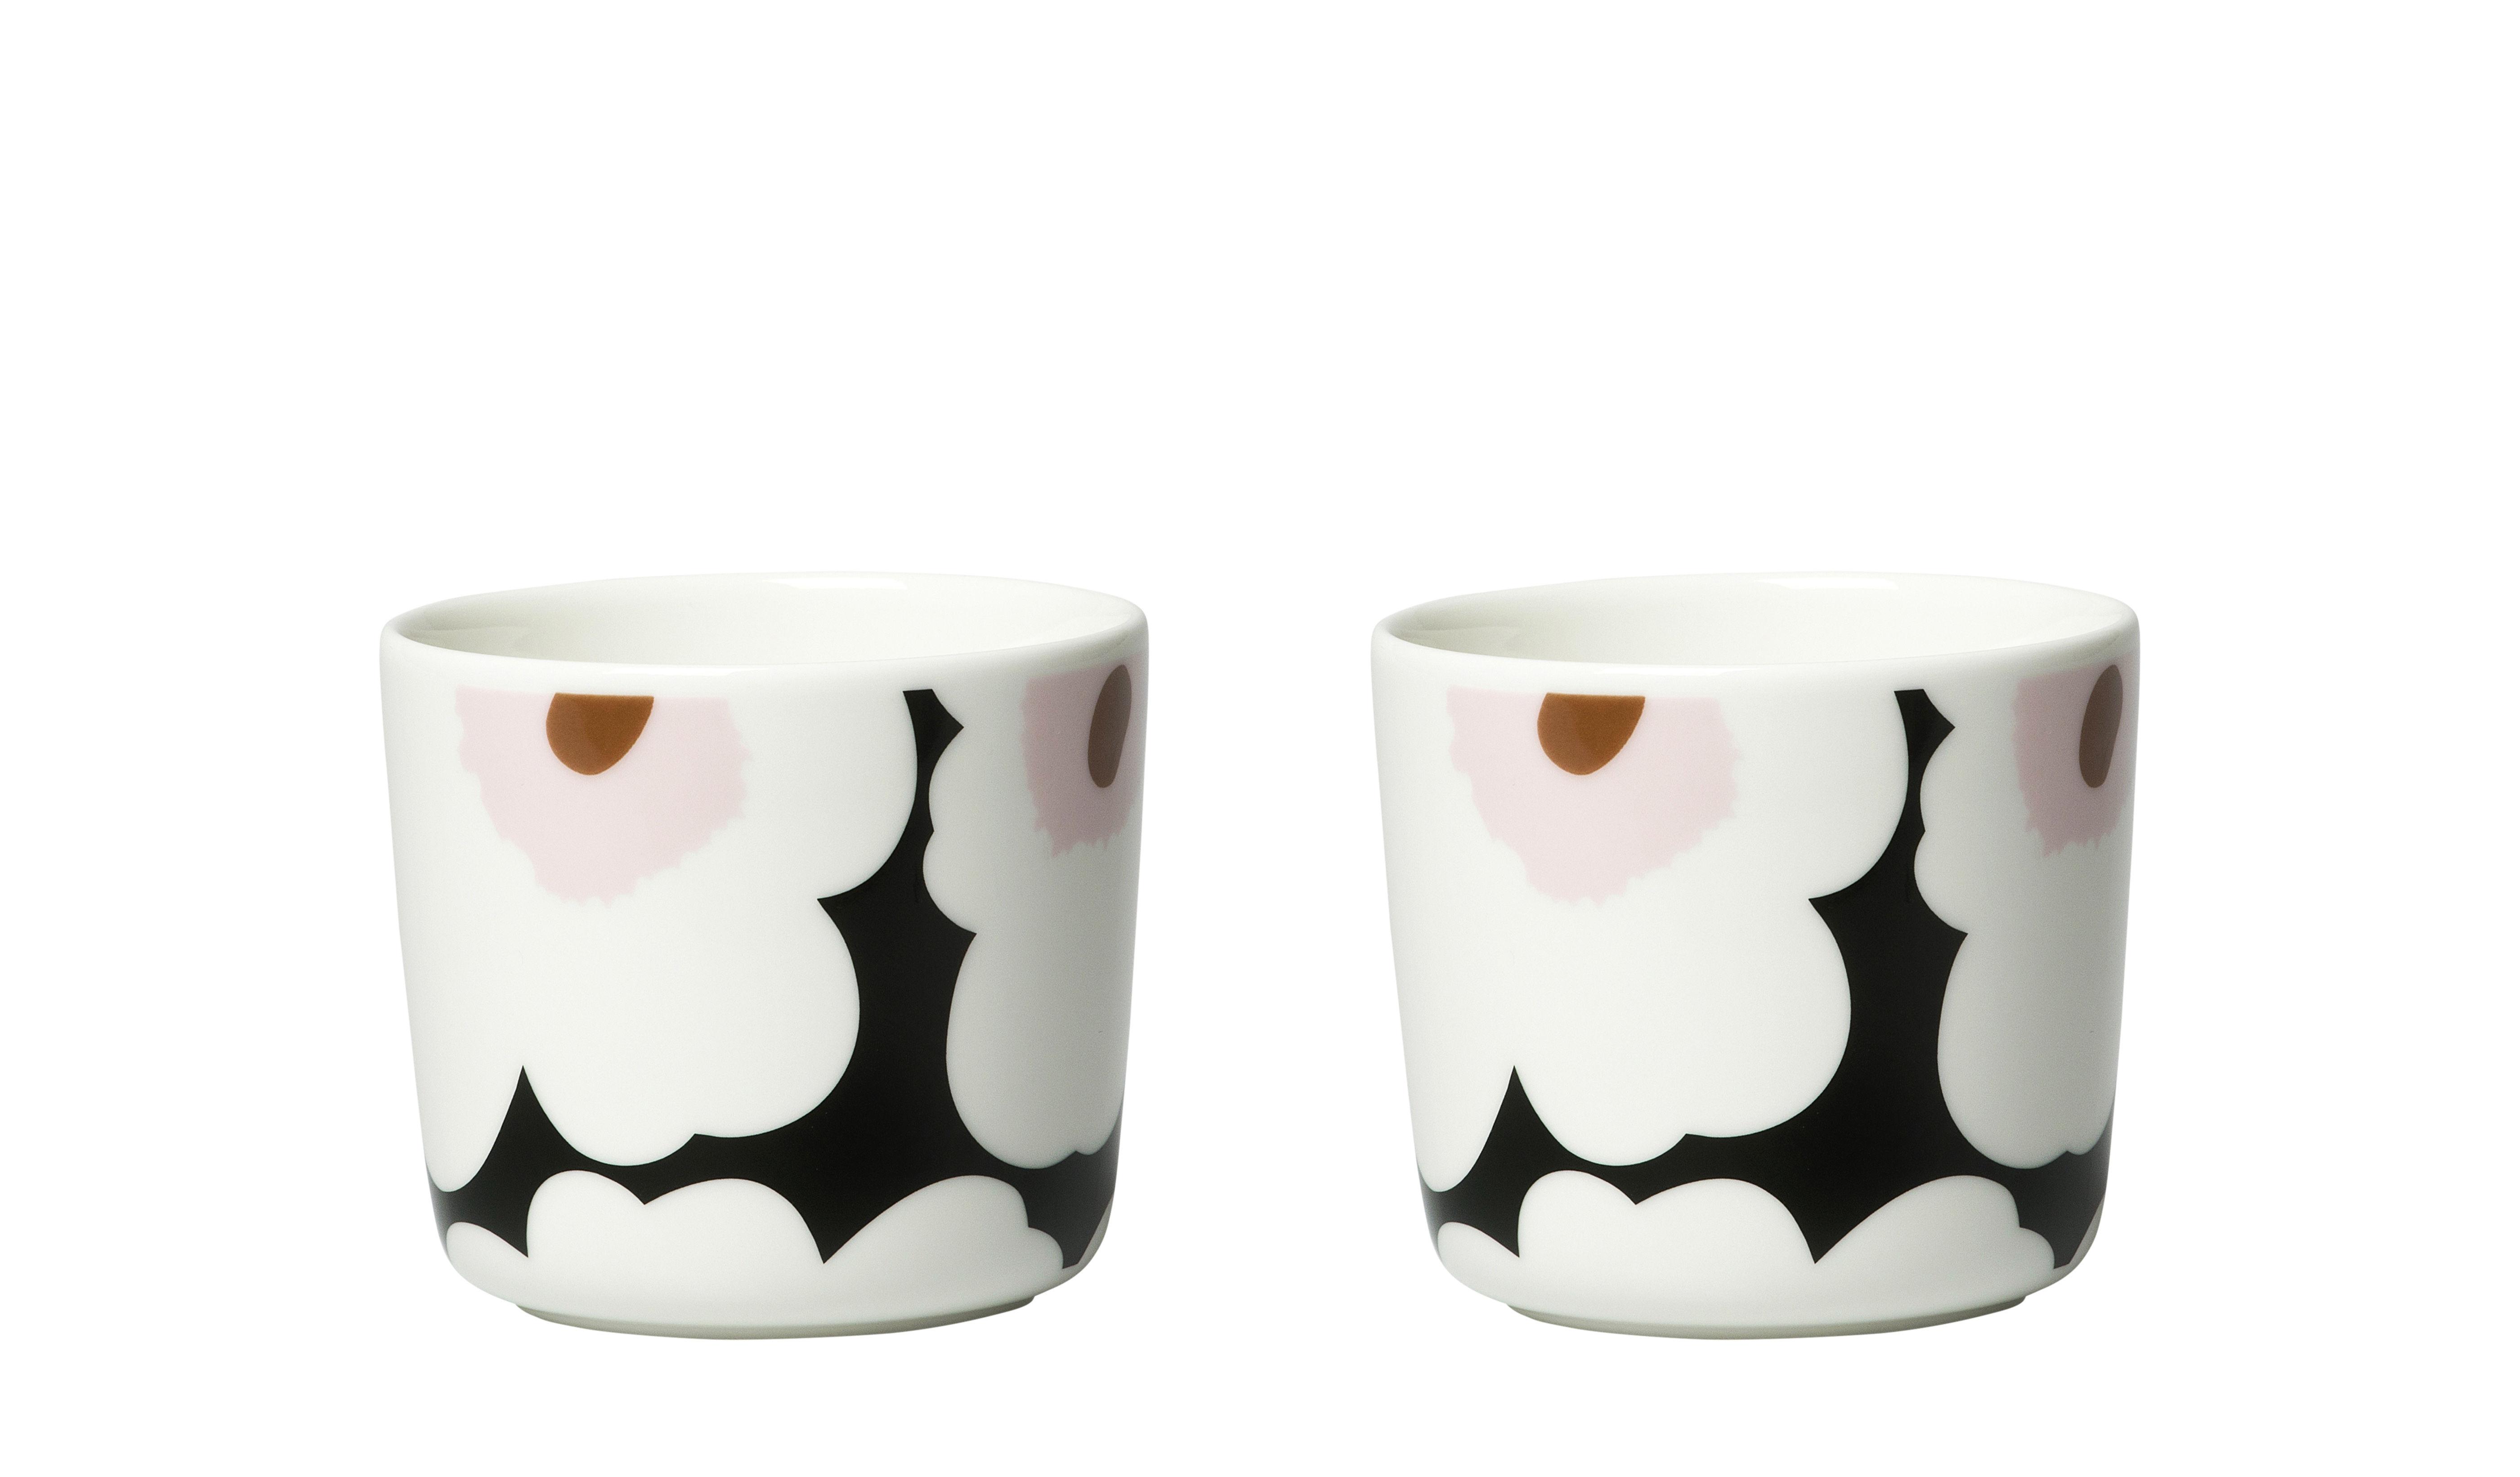 Arts de la table - Tasses et mugs - Tasse à café Unikko / Sans anse - Set de 2 - Marimekko - Unikko / Blanc & rose - Grès